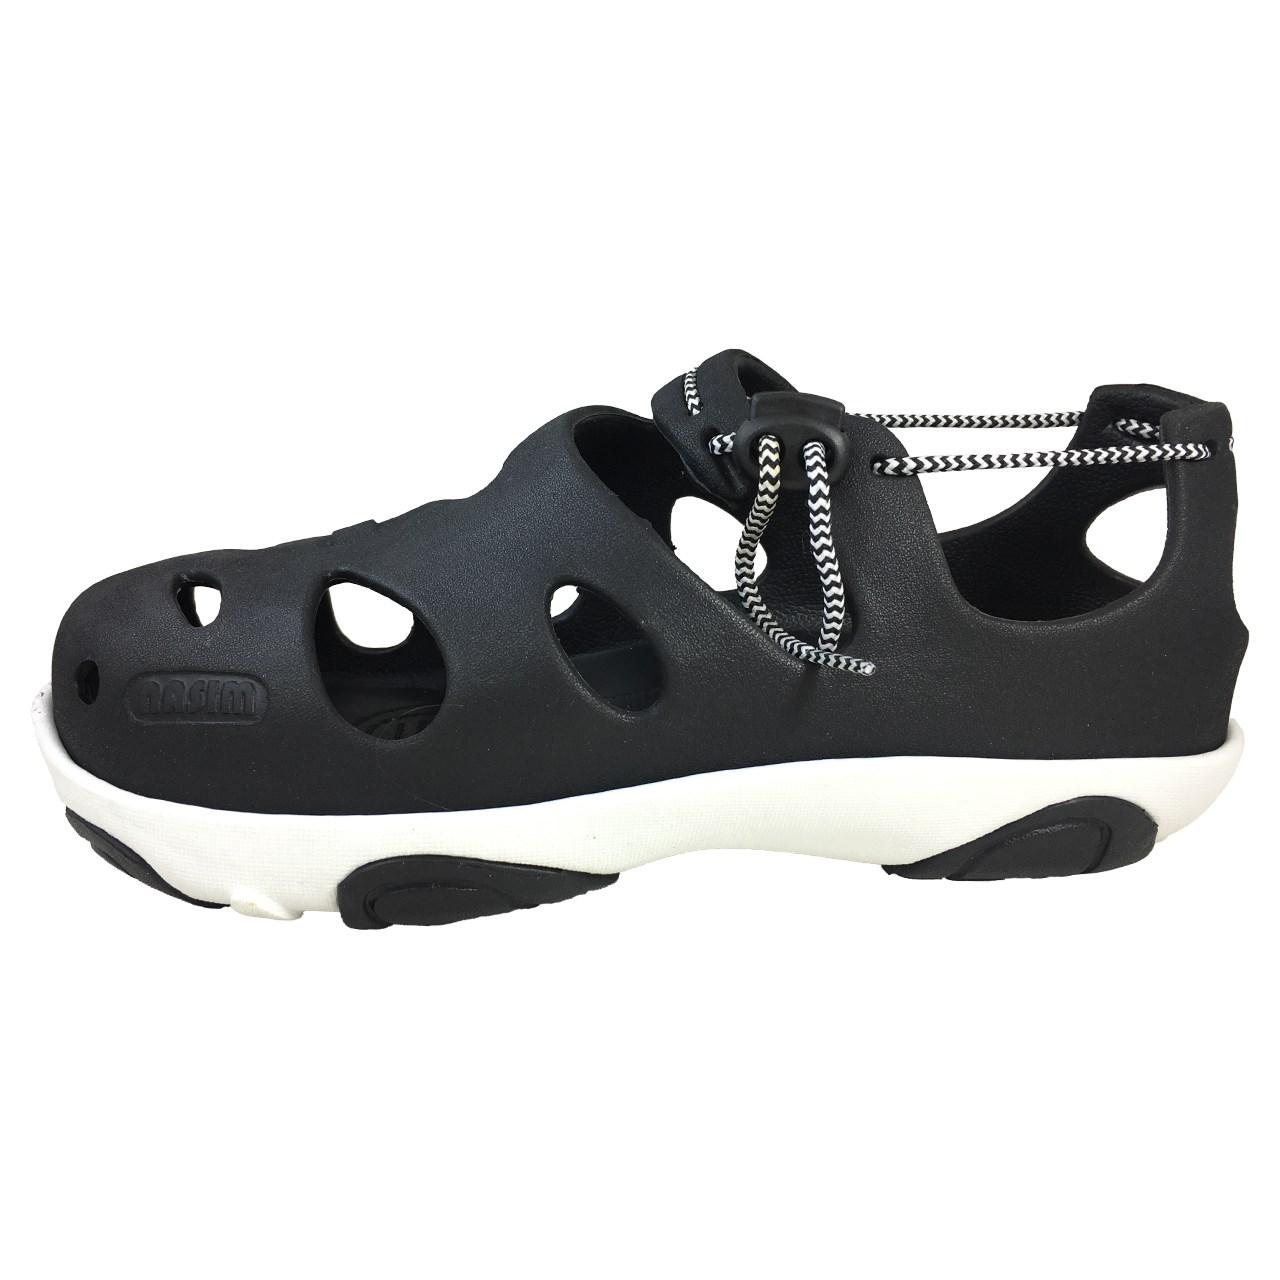 کفش ساحلی مردانه نسیم  مدل مراکش کد 2322